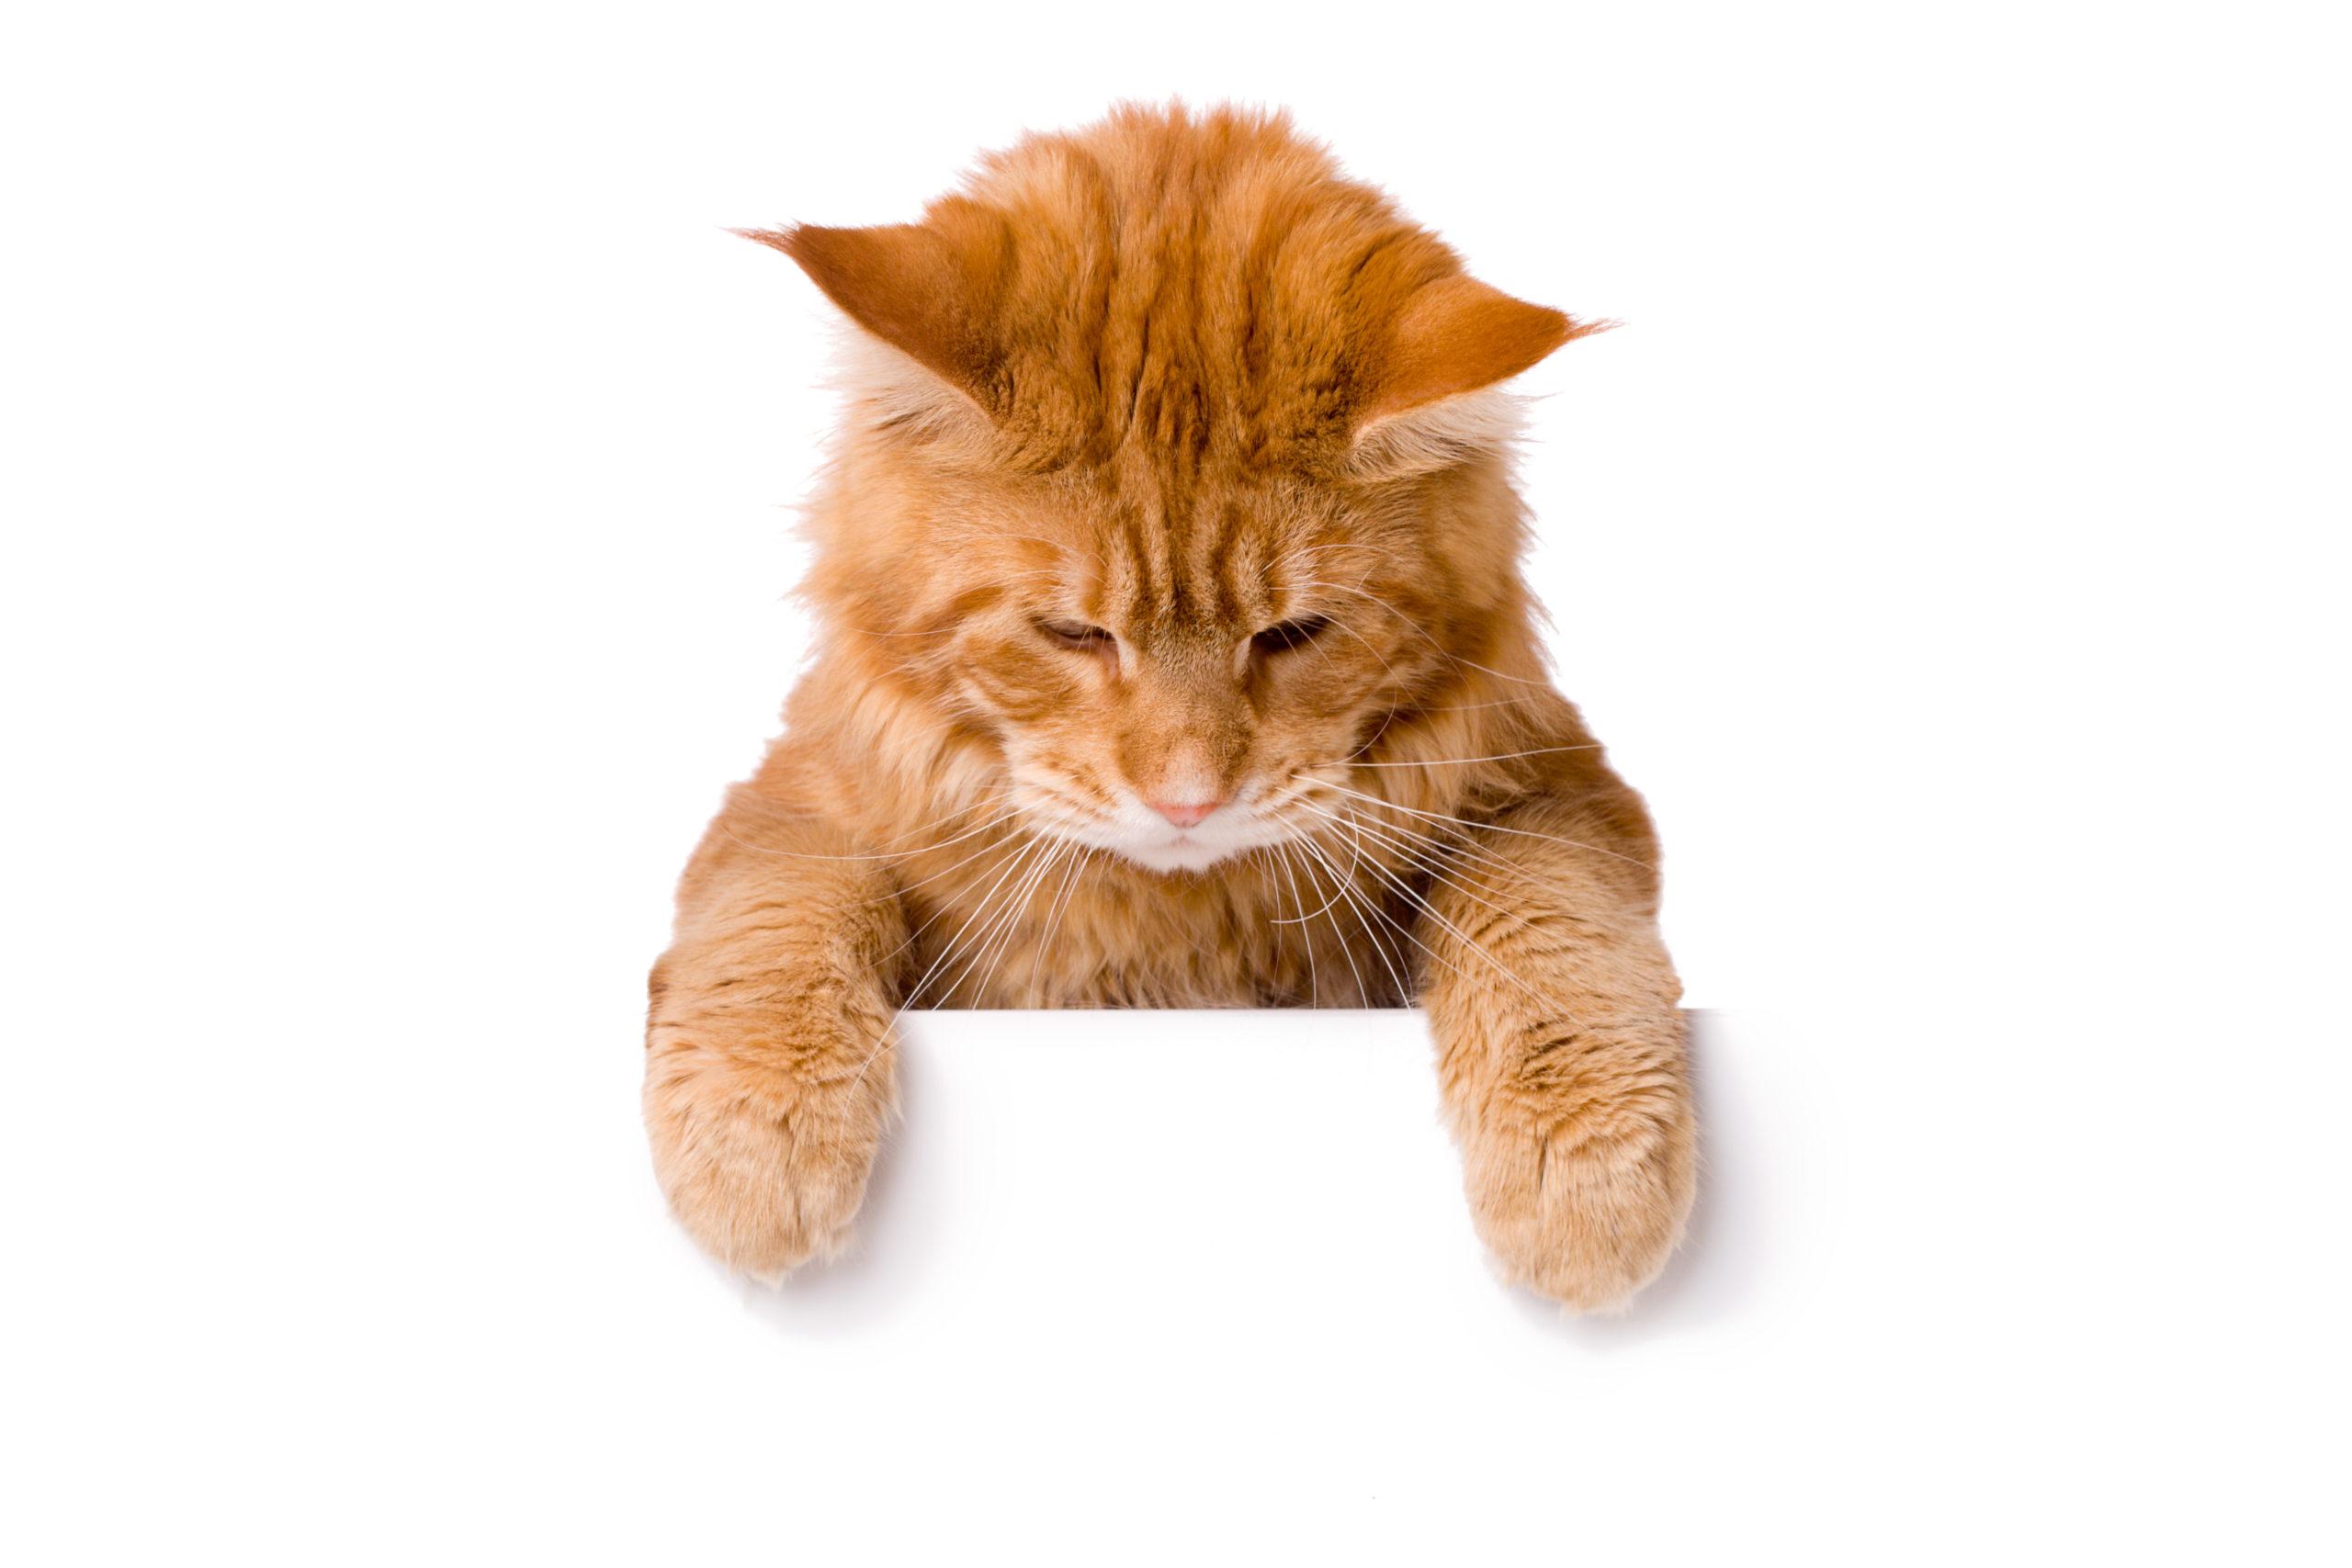 【知ってました?】ネコが吐く原因とは?毛玉以外を吐く場合は要注意